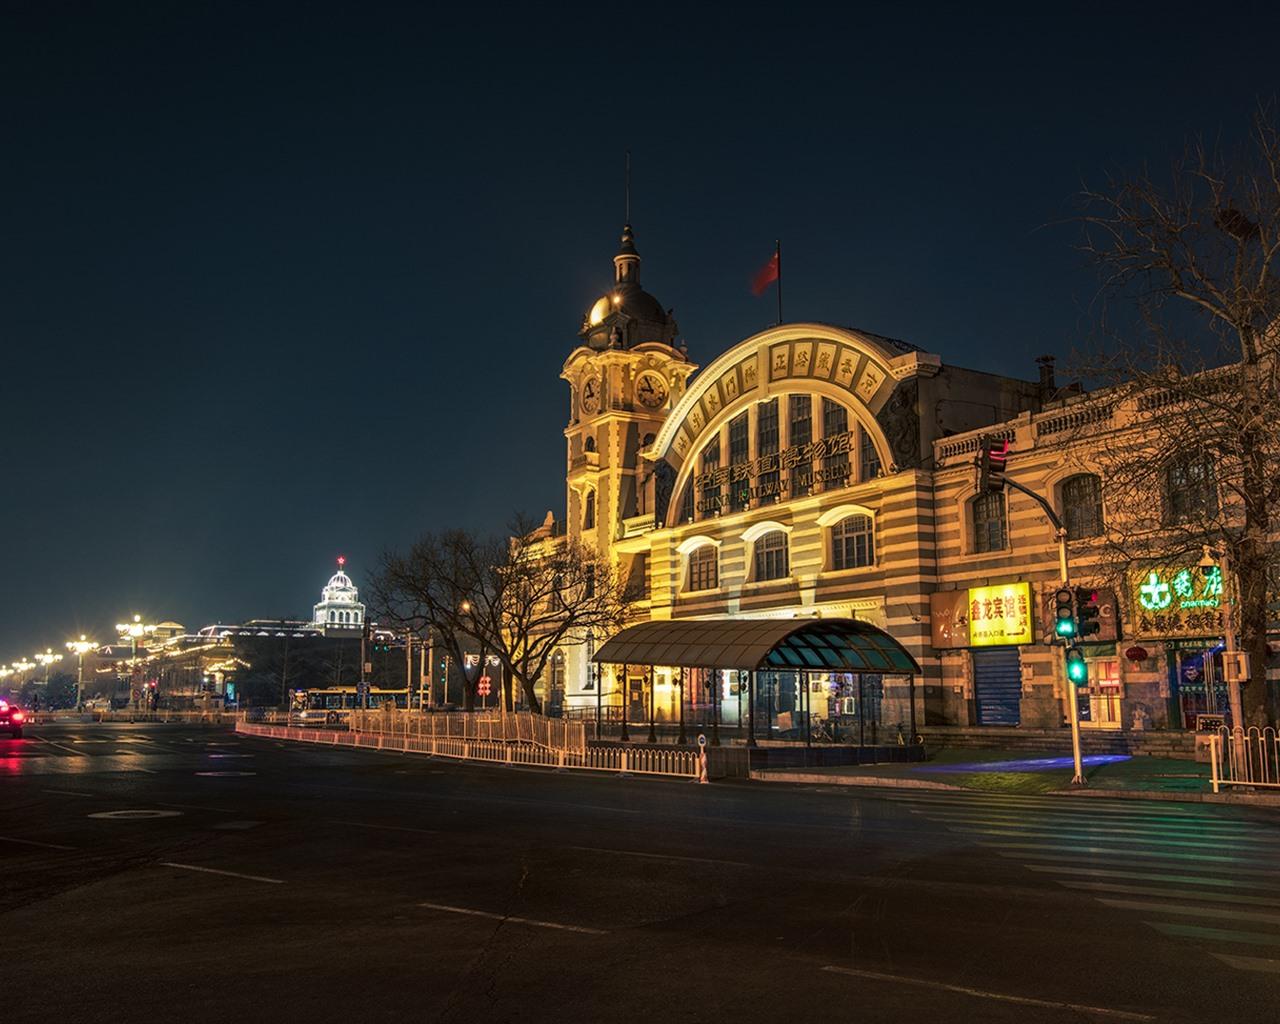 壁紙 中国鉄道博物館 都市の夜 道路 ライト 北京 中国 19x1080 Full Hd 2k 無料のデスクトップの背景 画像